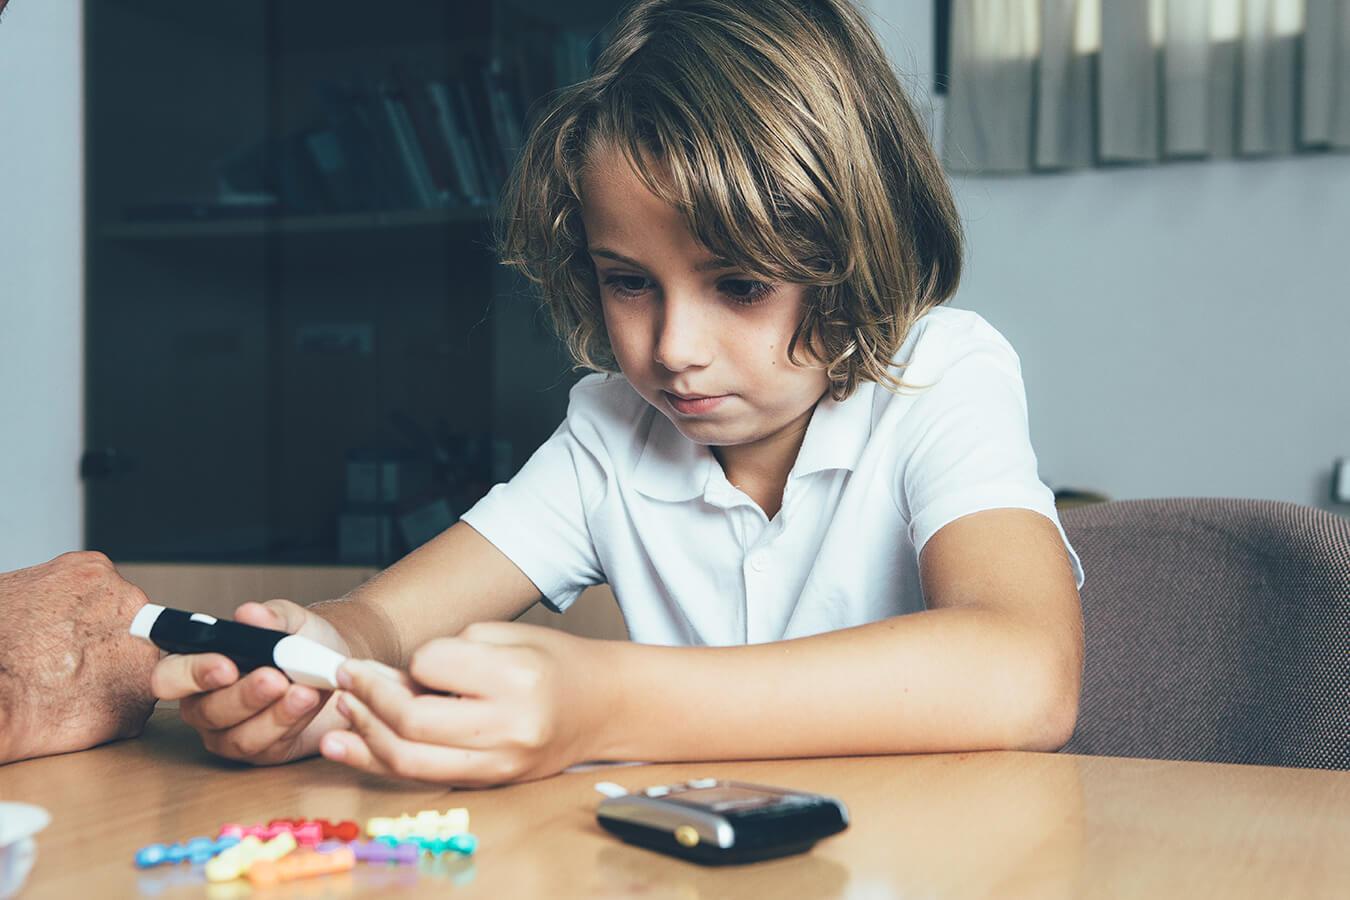 Cukrzyca u dzieci: Jakie są pierwsze oraz najczęstsze objawy cukrzycy u dzieci?